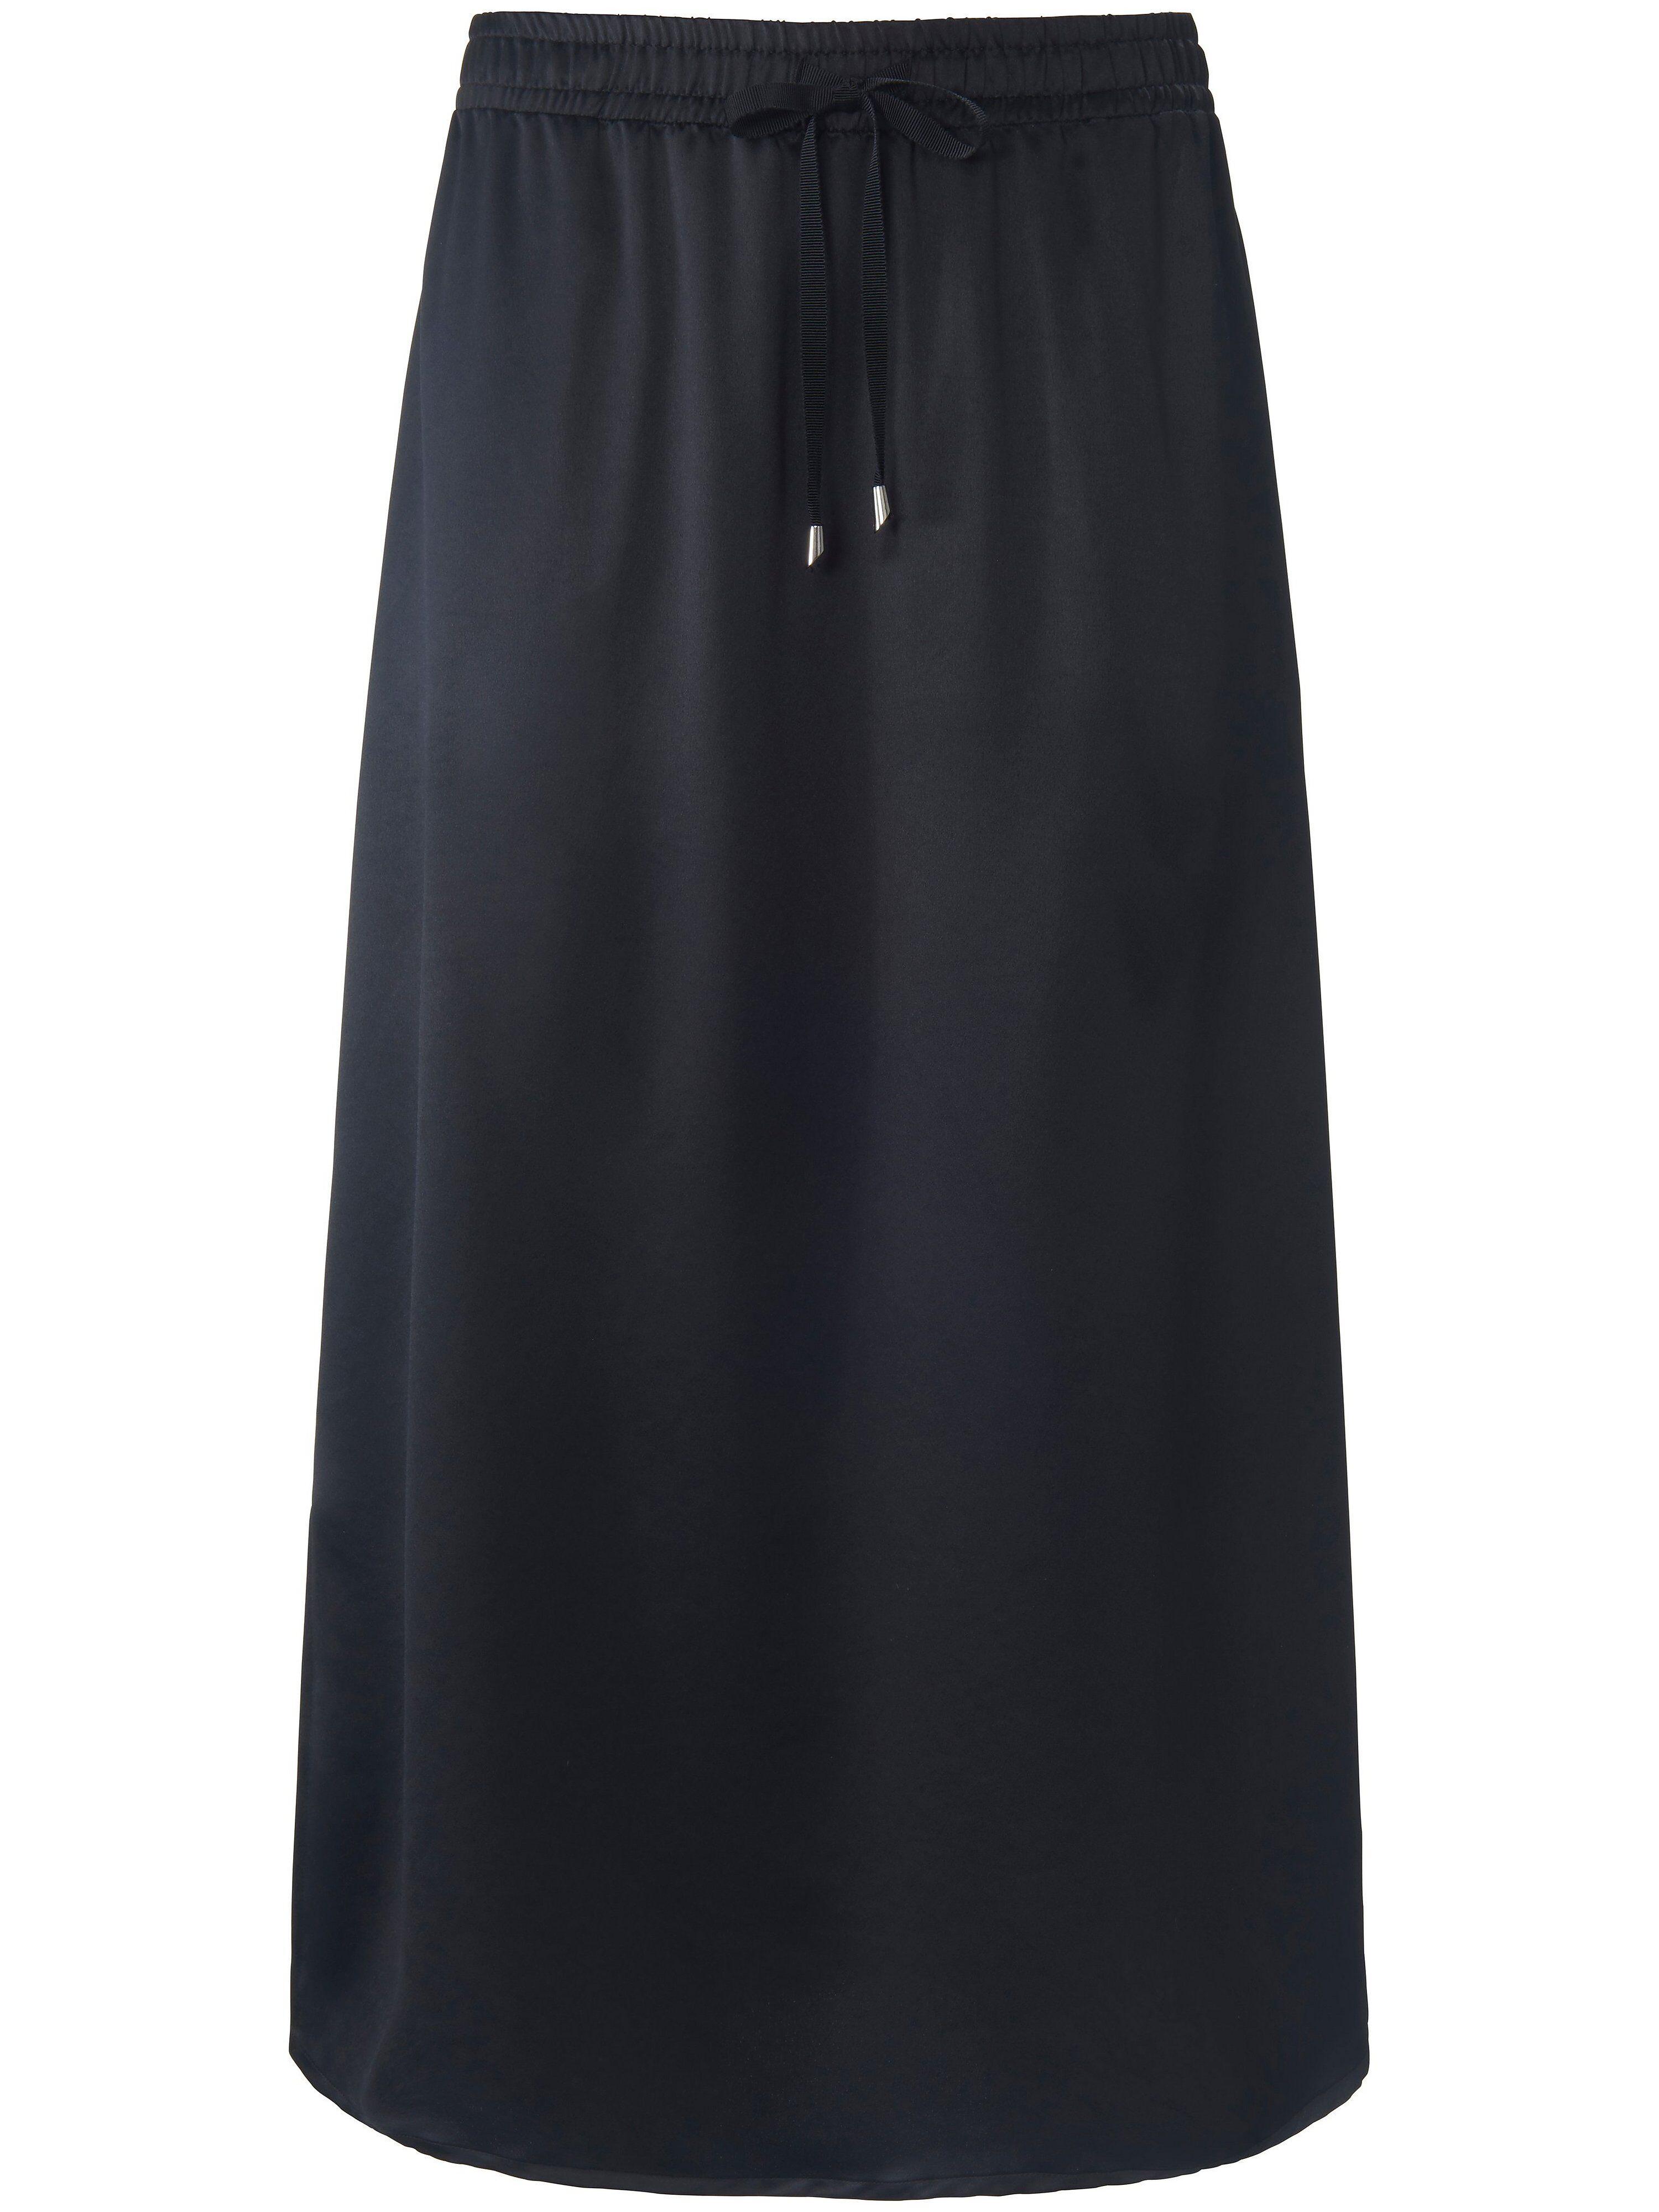 Margittes La jupe ligne droite  Margittes noir  - Femme - 38